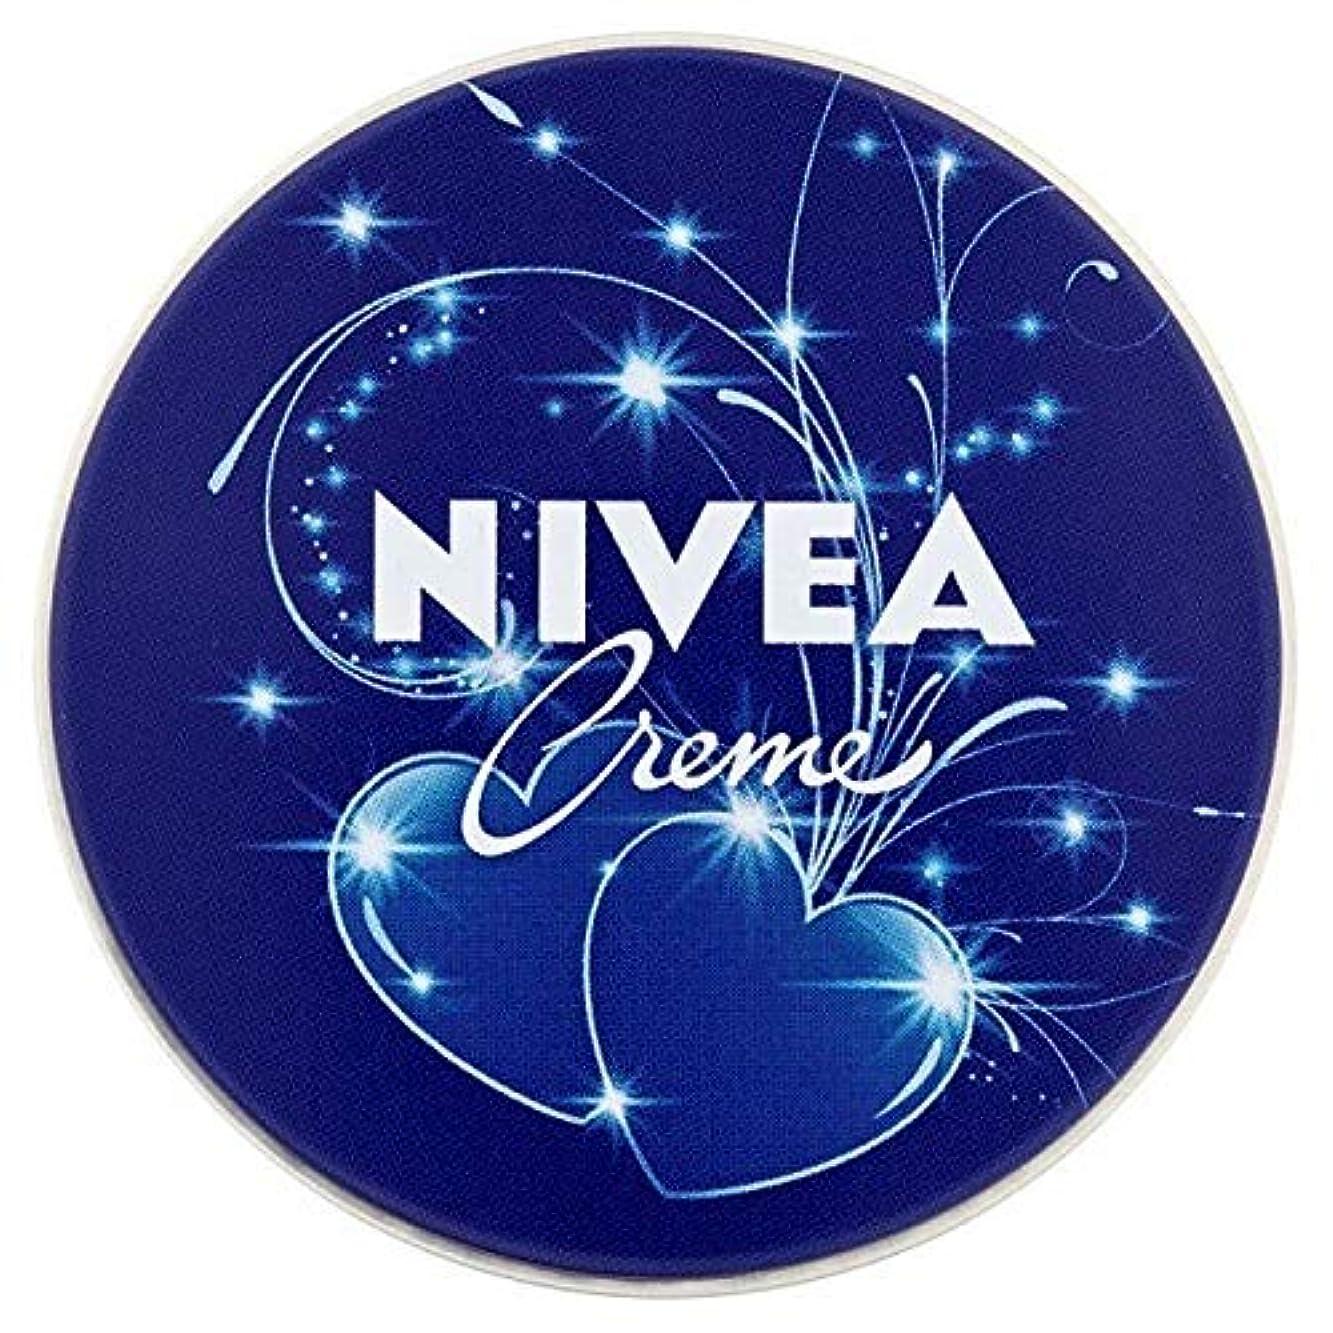 食用つまらないアルカトラズ島[Nivea ] ニベアクリーム錫30ミリリットル - Nivea Creme Tin 30ml [並行輸入品]